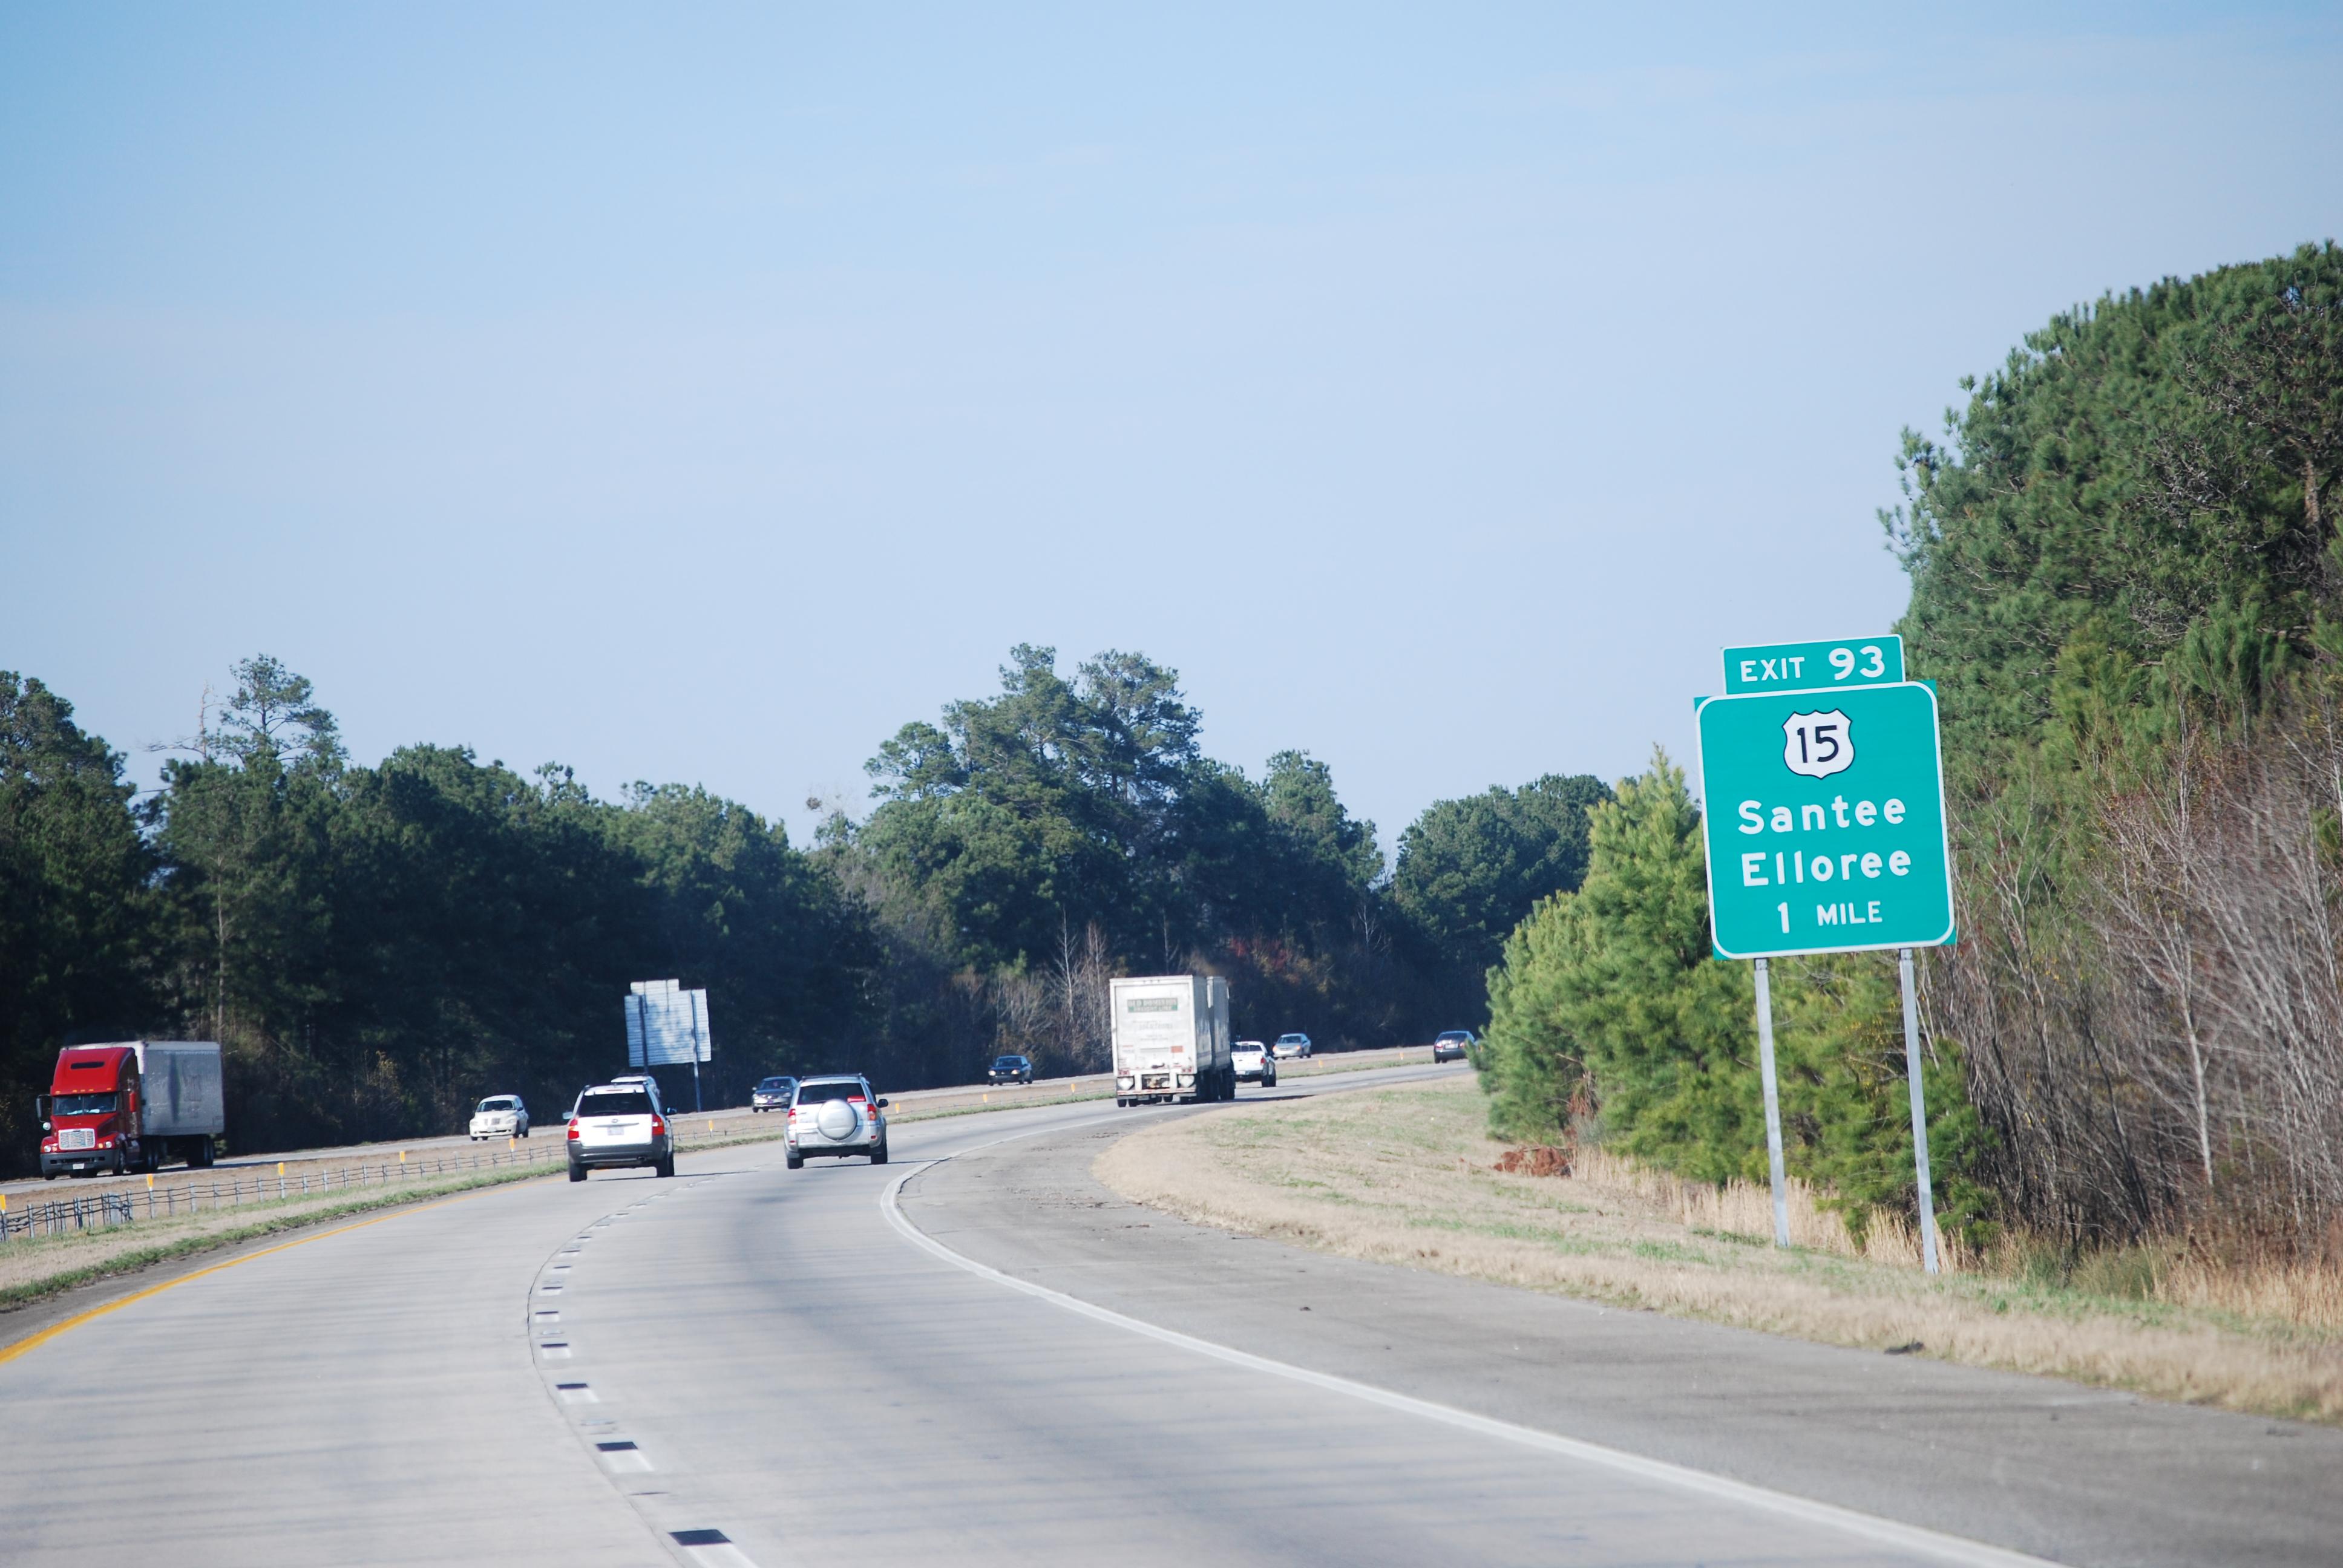 ไฟล์:I-95 US 1...I 95 Exit 193 South Carolina